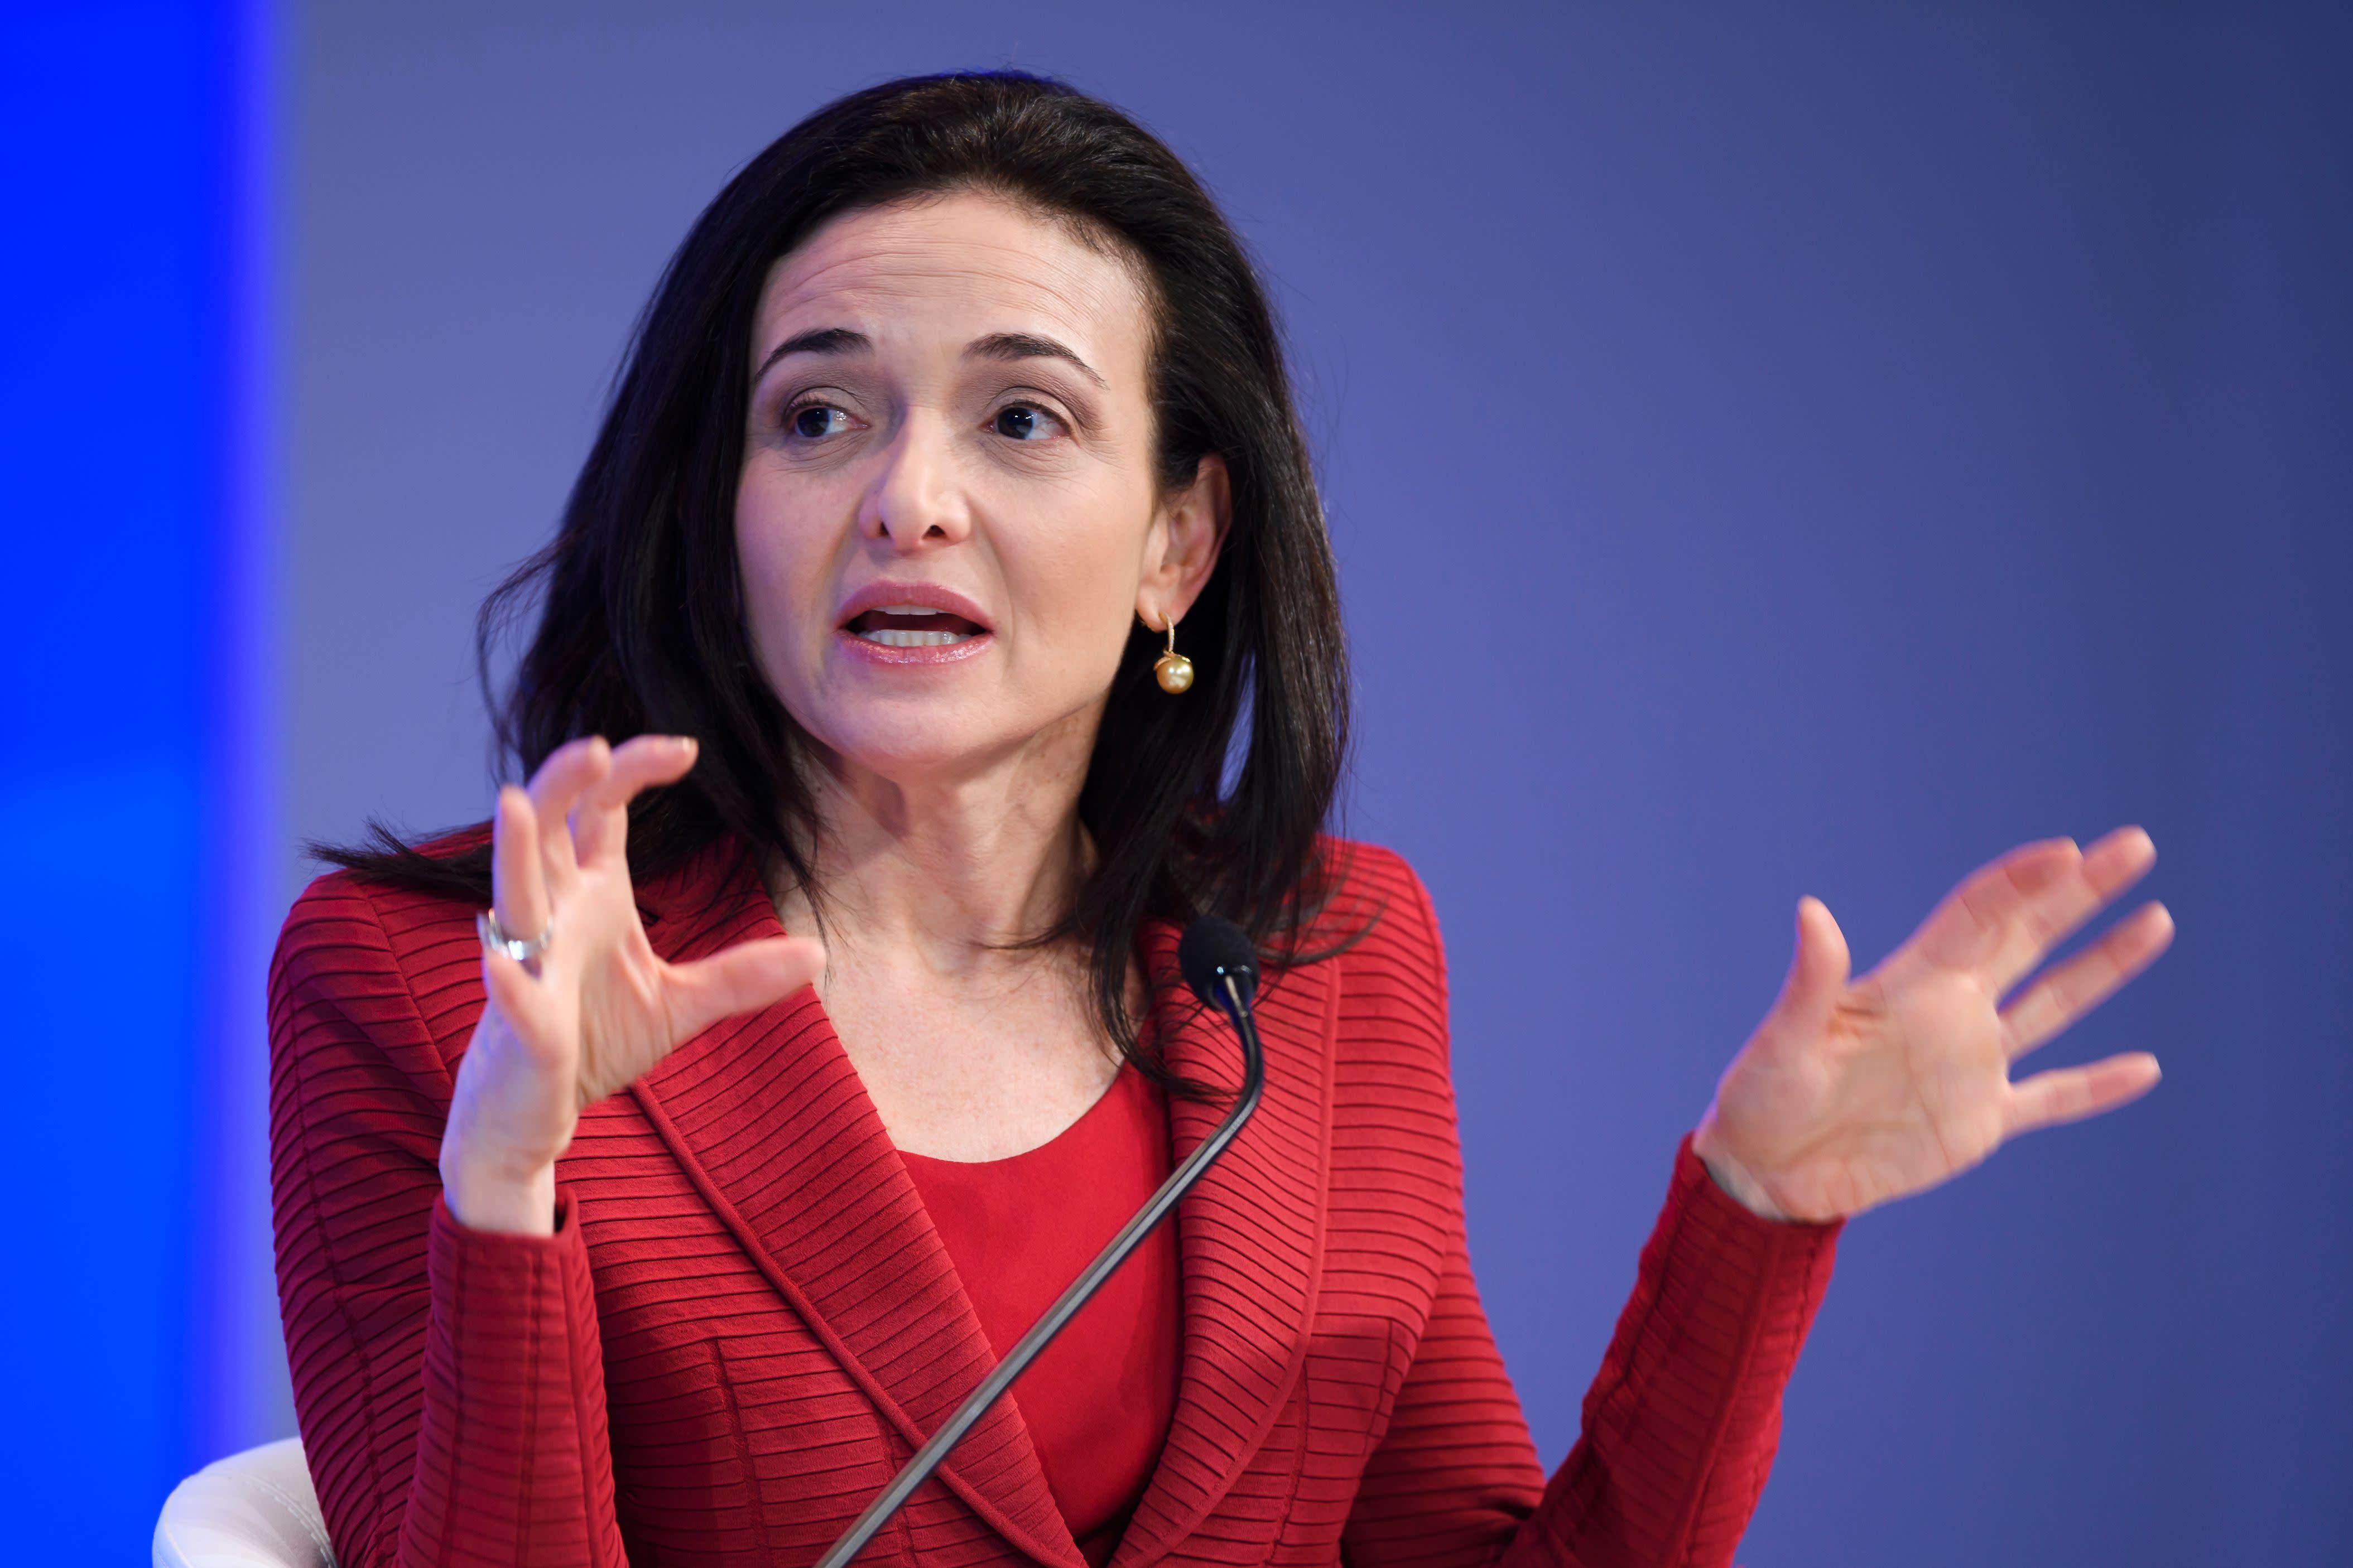 Watch Facebook's Sheryl Sandberg Make a Speech at Virginia ...